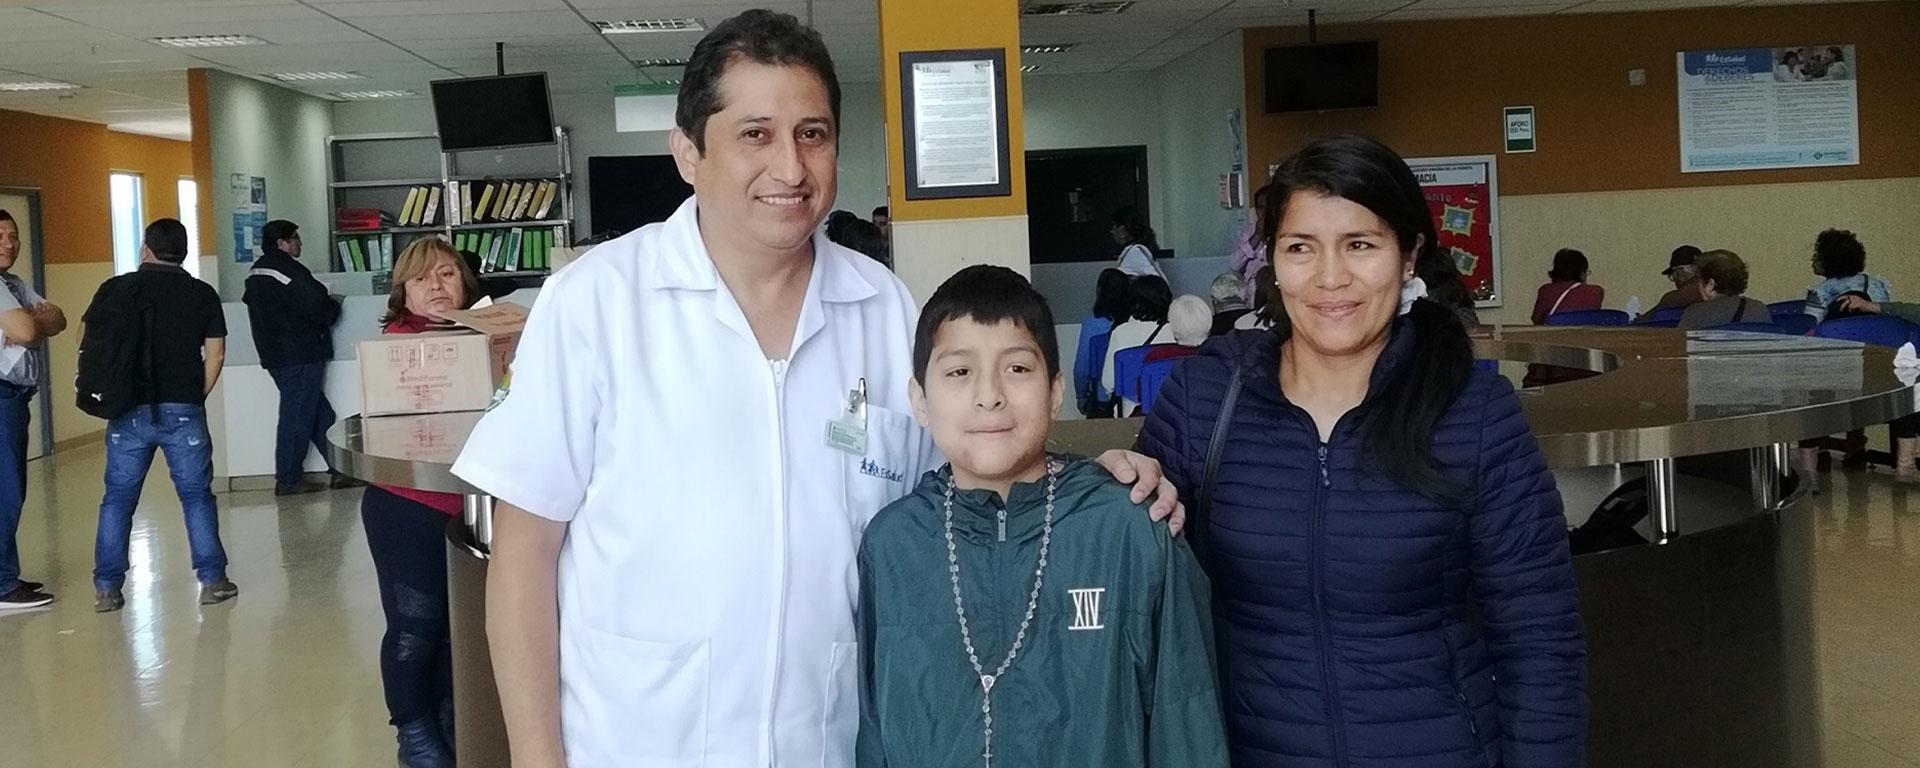 Essalud - EsSalud La Libertad realizó primera cirugía de reconstrucción de mandíbula